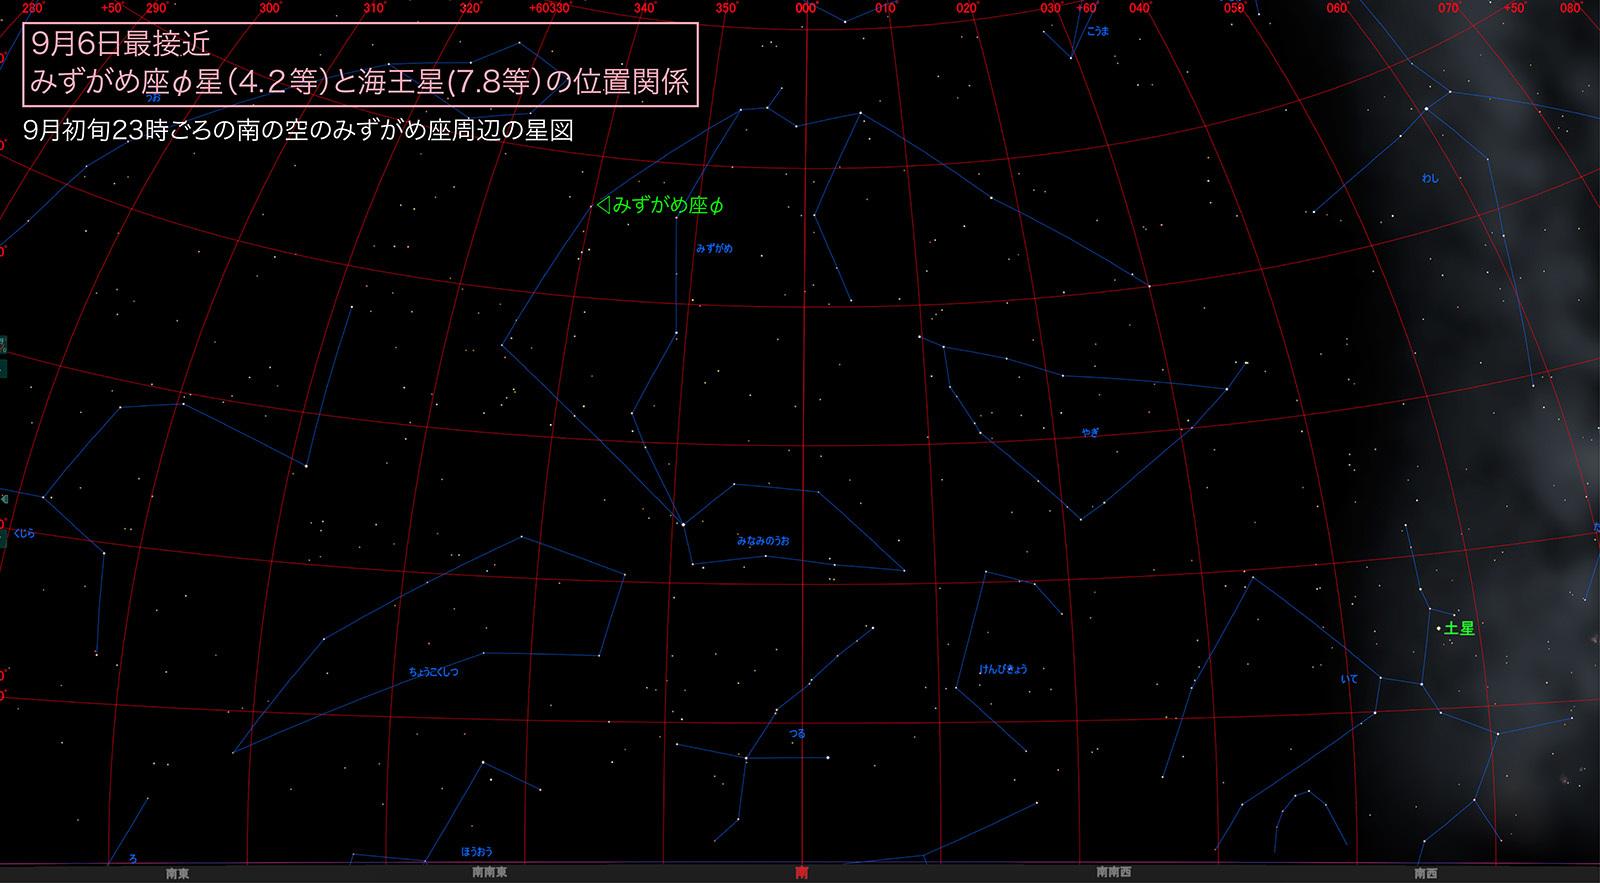 みずがめ座海王星見つけよう!